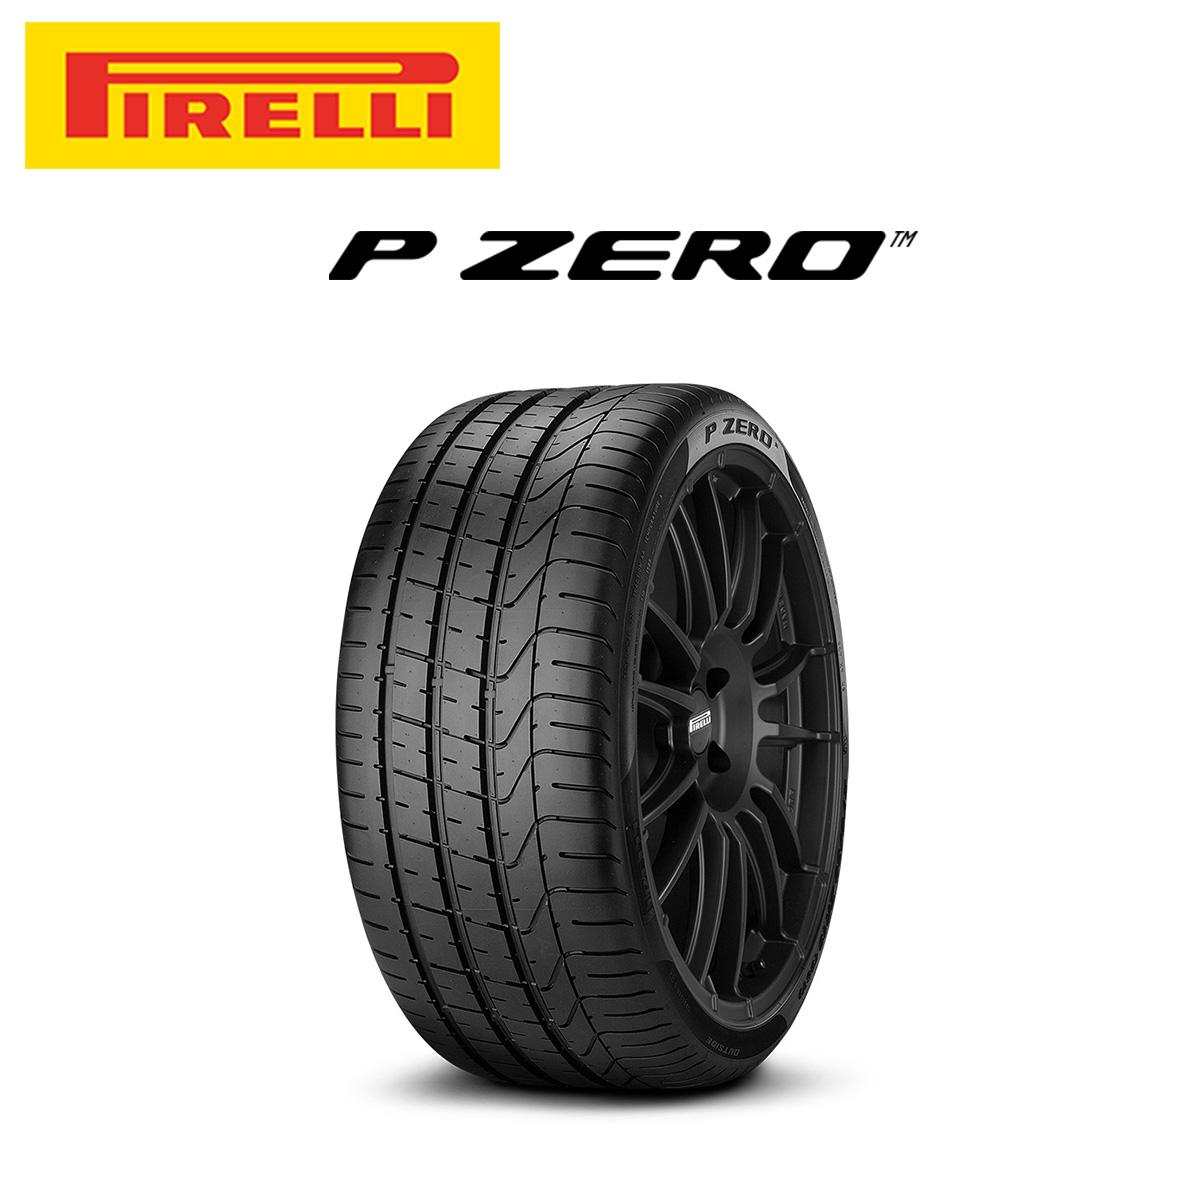 ピレリ PIRELLI P ZERO ピーゼロ 19インチ サマー タイヤ 4本 セット 255/35R19 96Y XL MO:メルセデスベンツ承認タイヤ 1997500